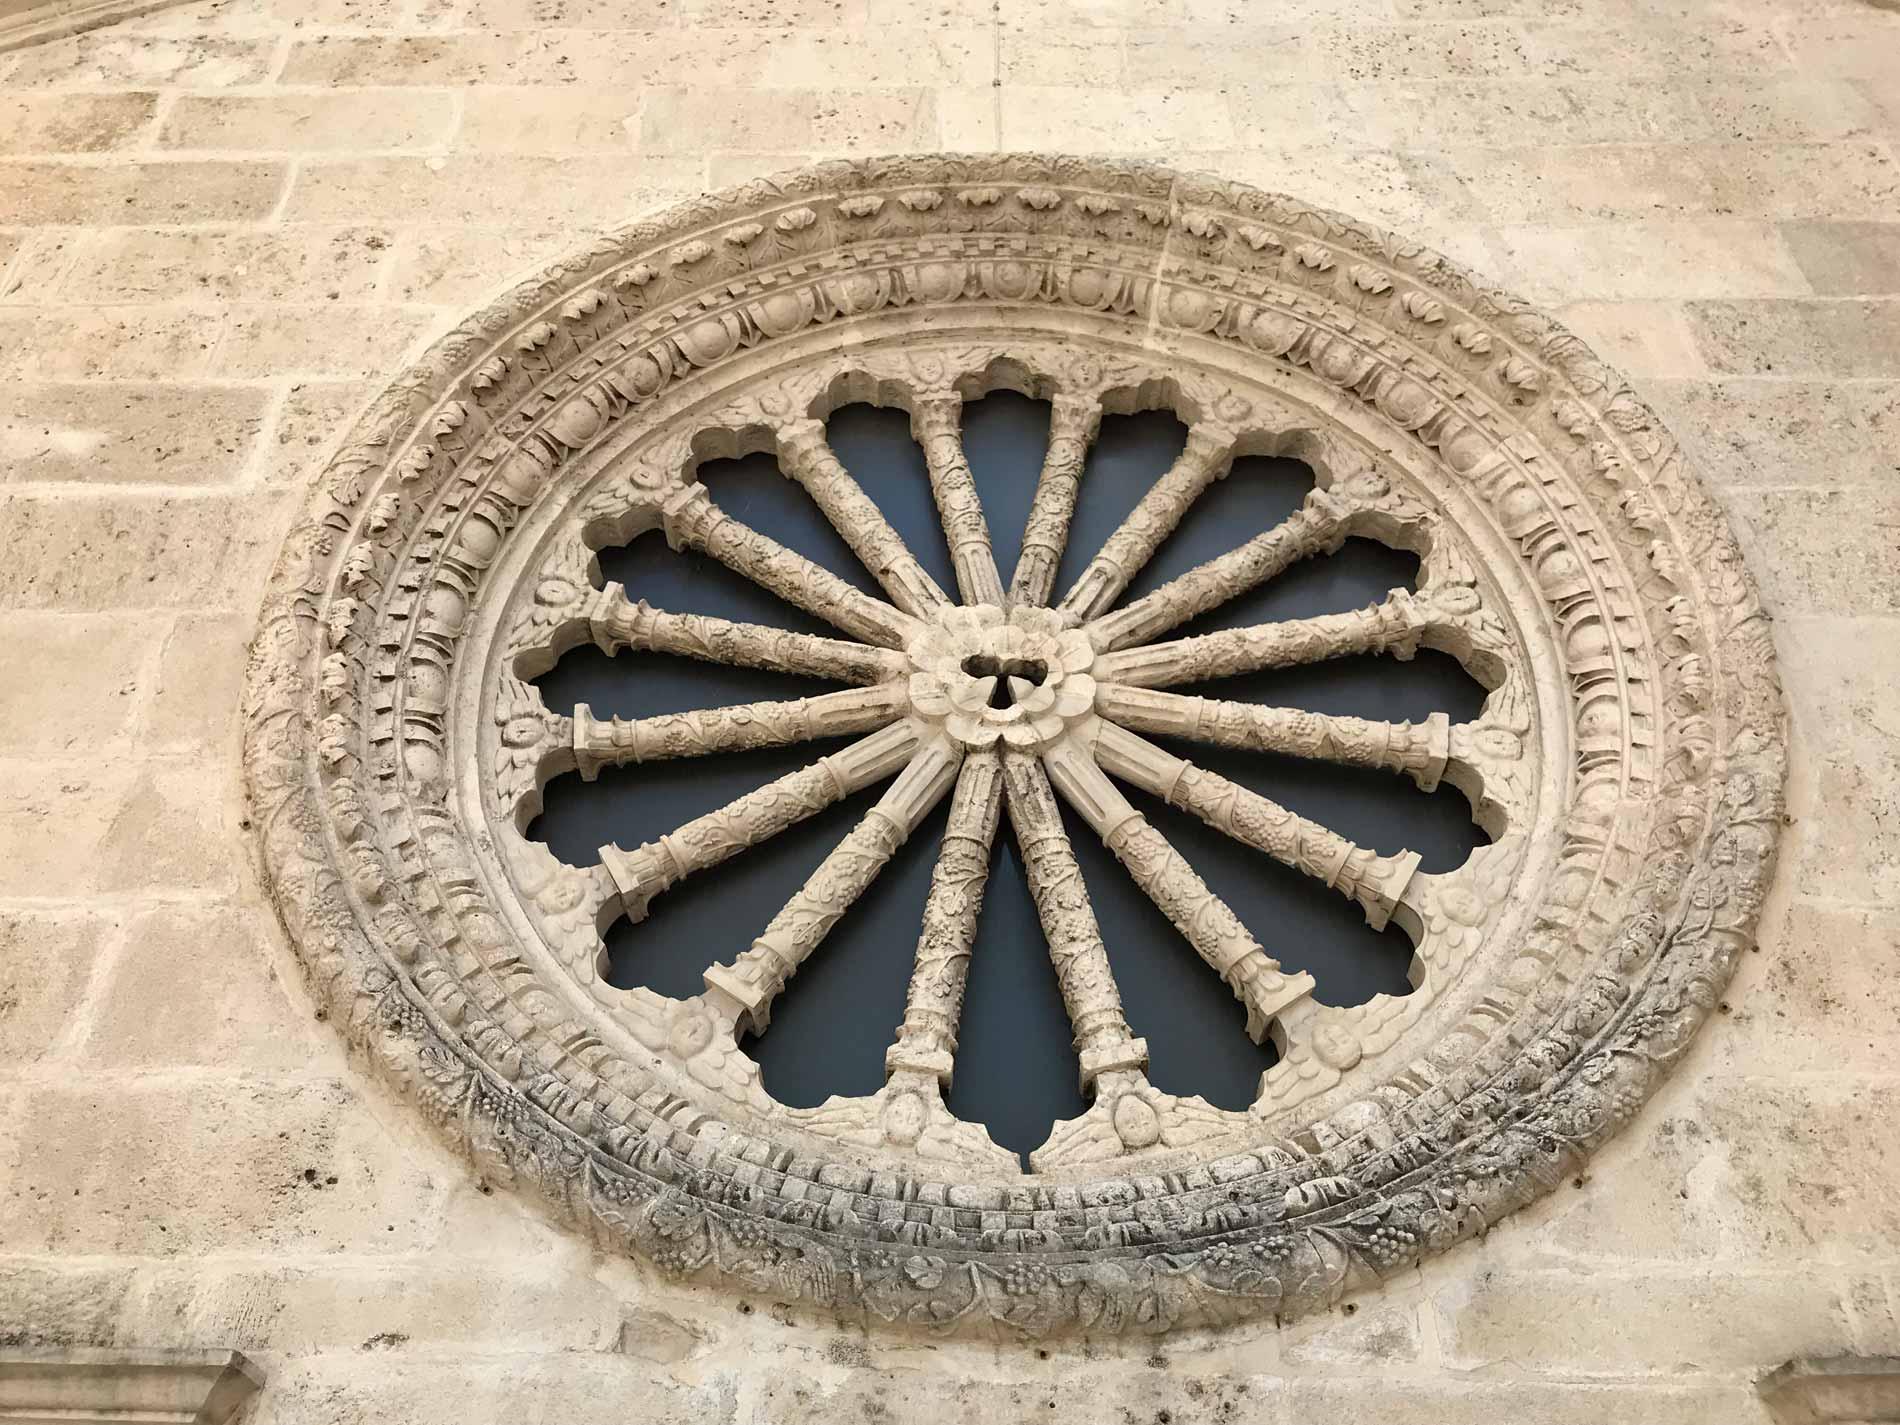 Kotor-Cattedrale-di-San-Trifone-rosone-visto-dal-terrazzo